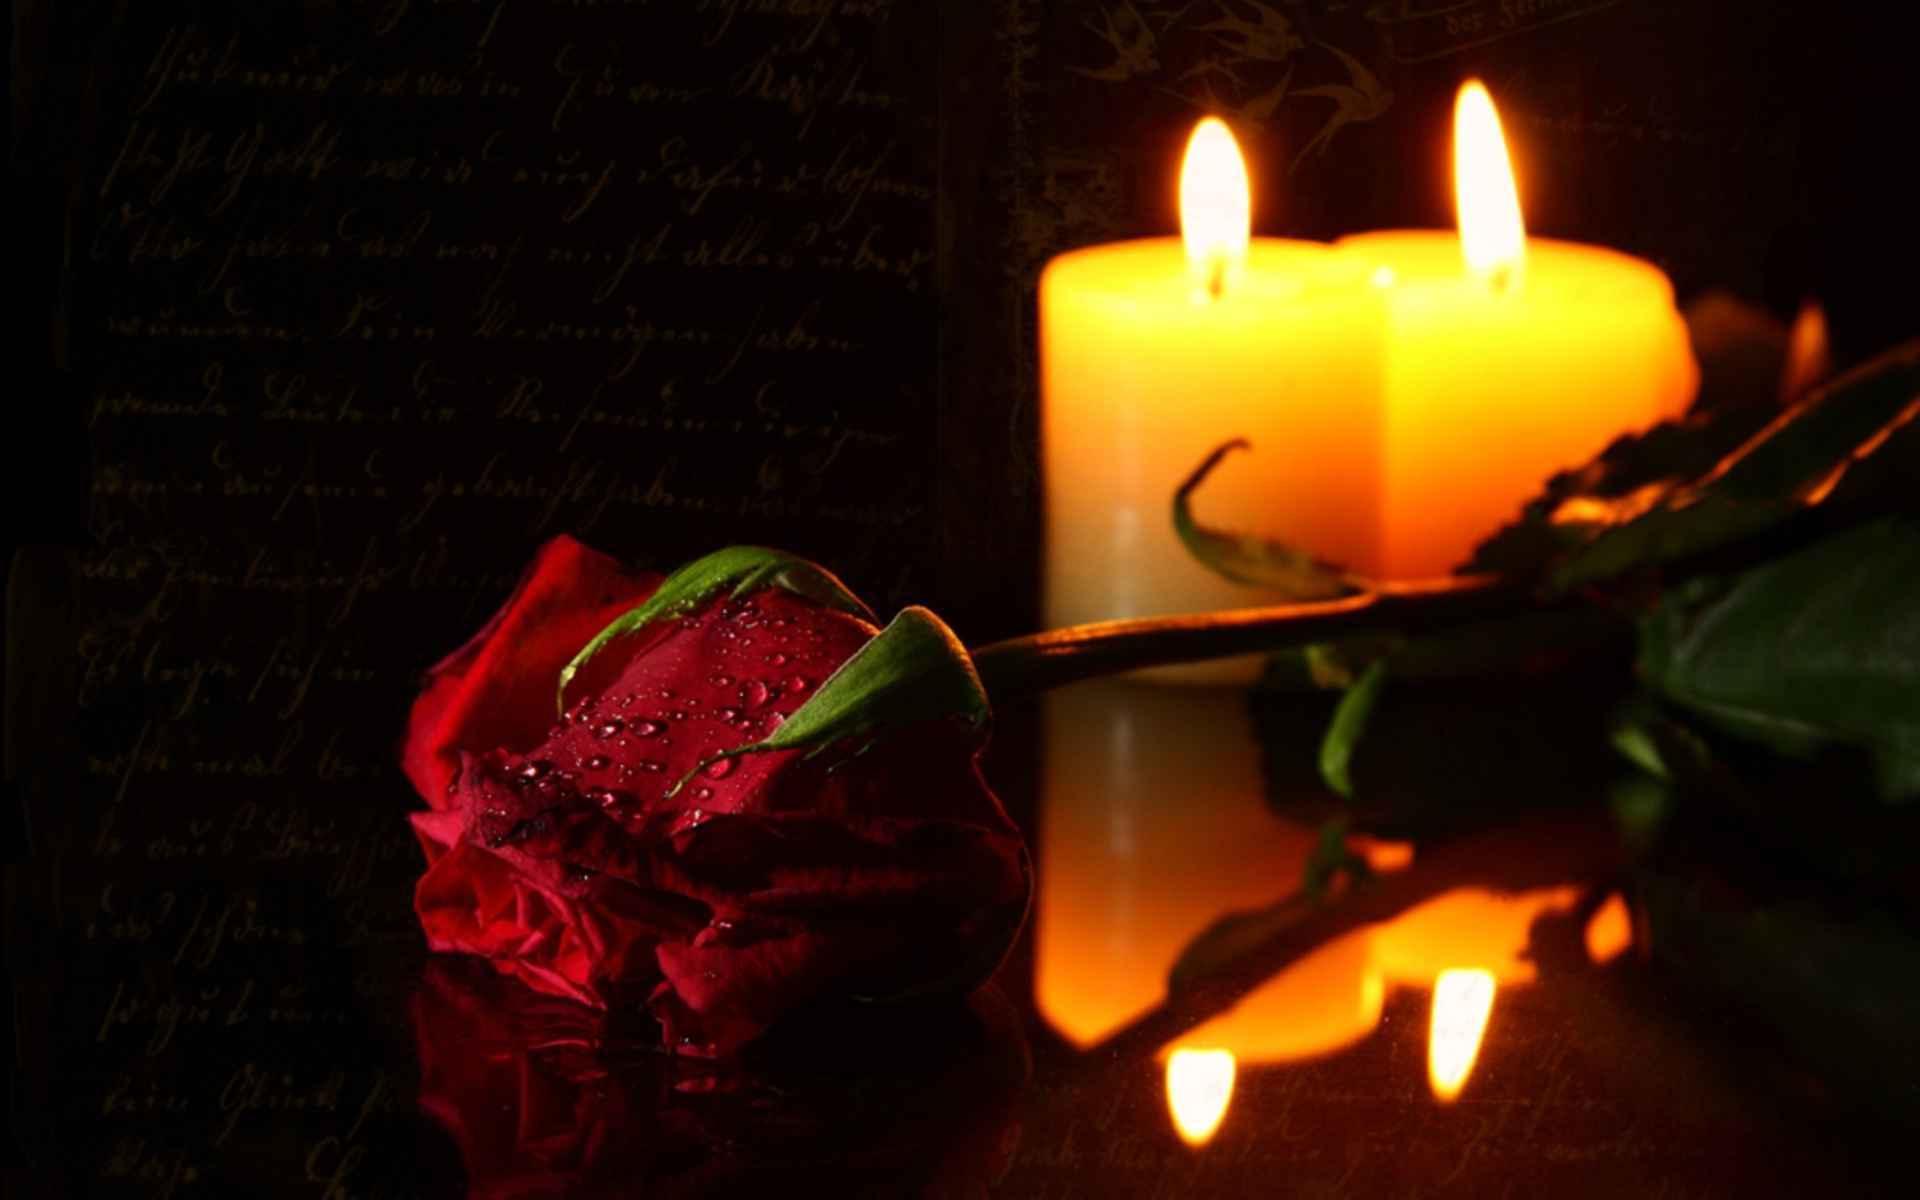 Открытки ритуальные спасибо за память о моих близких, месяцами девочку